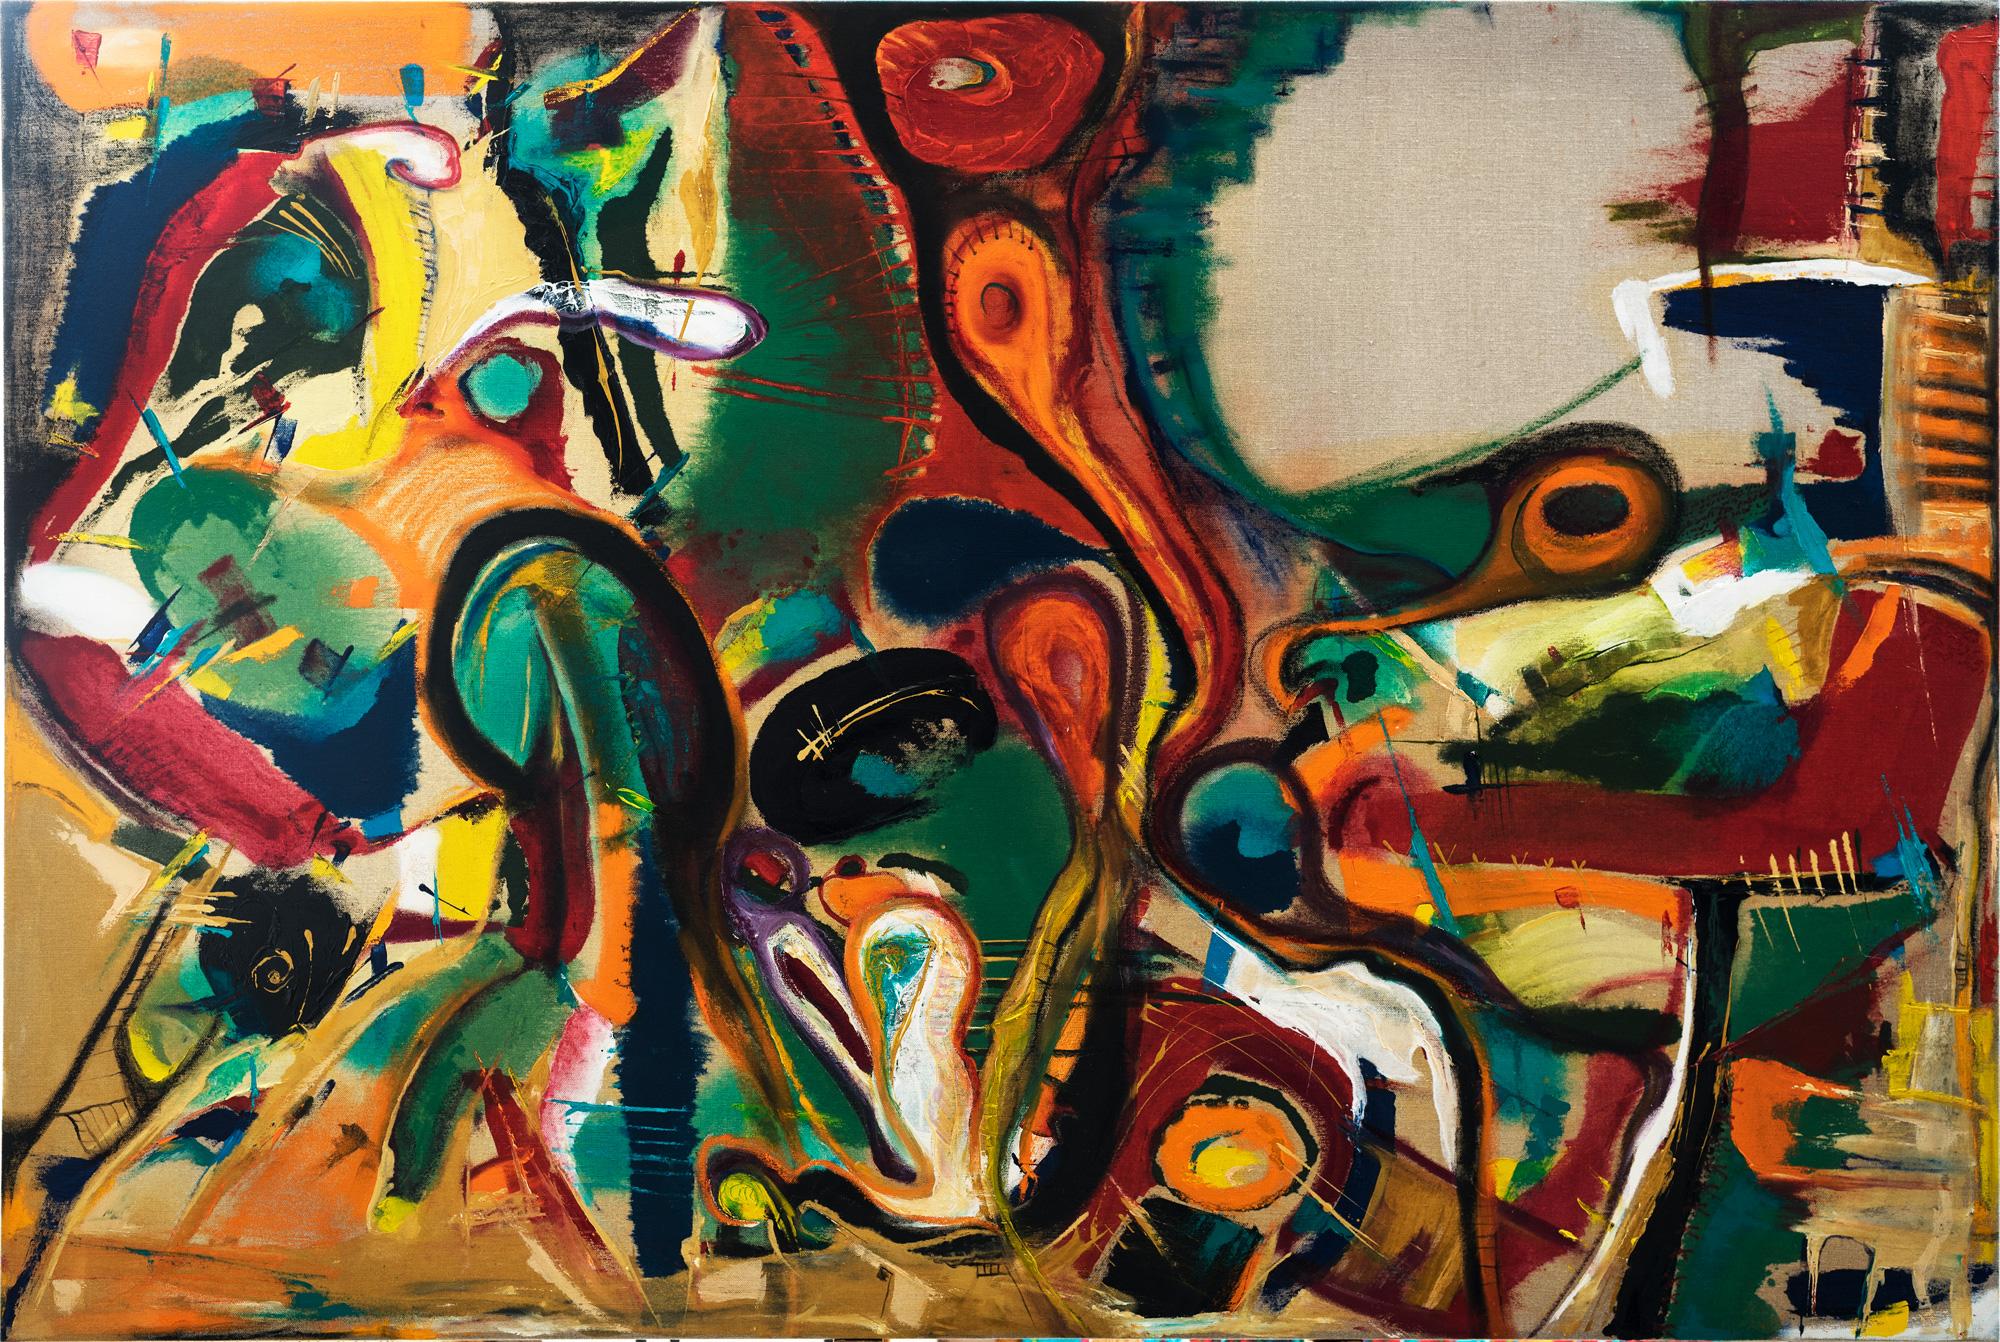 ציור מופשט אמנית דורית רוף